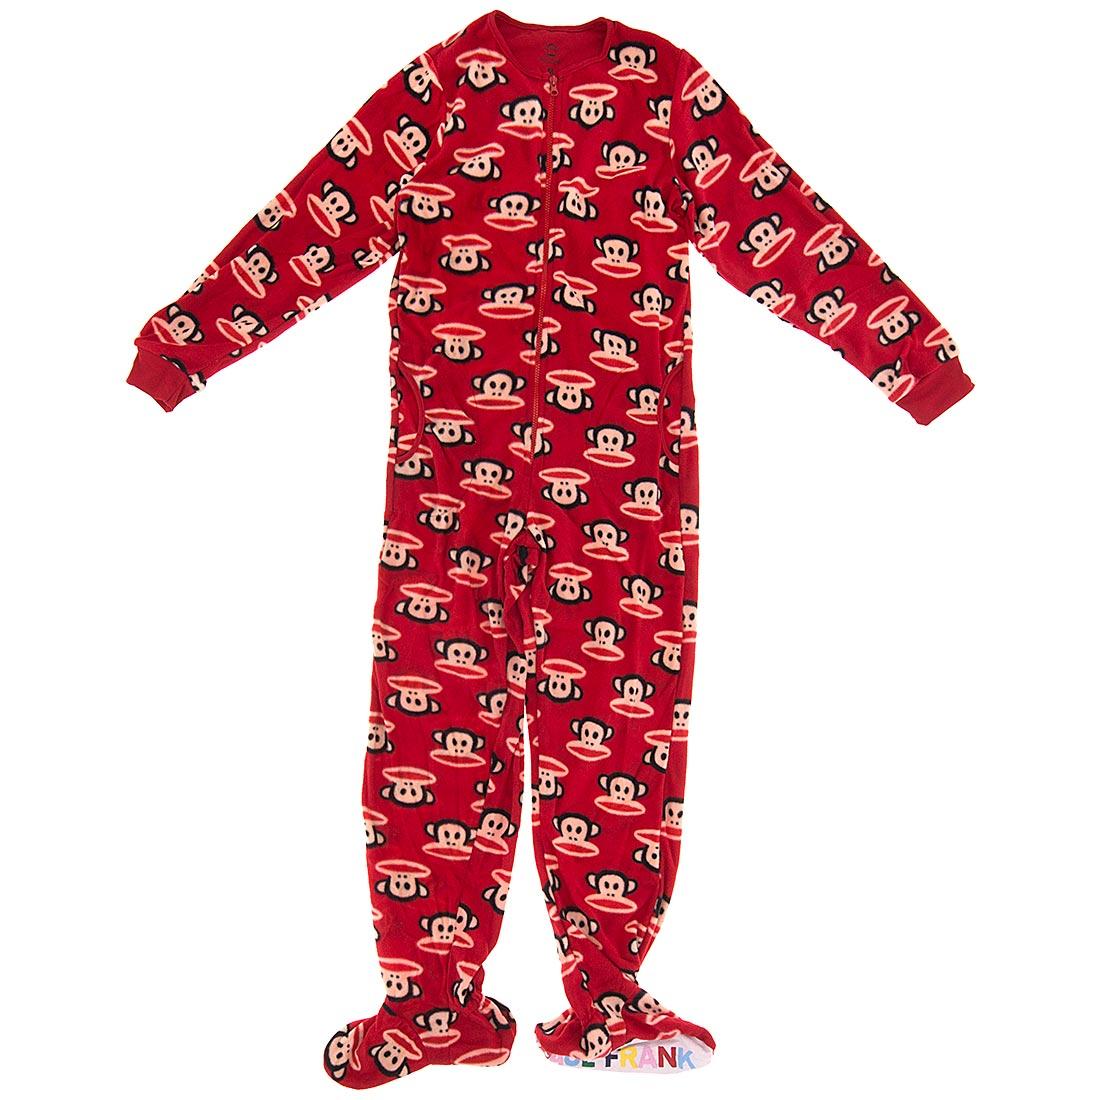 Pajamas clipart red pajamas. Pajama free download best